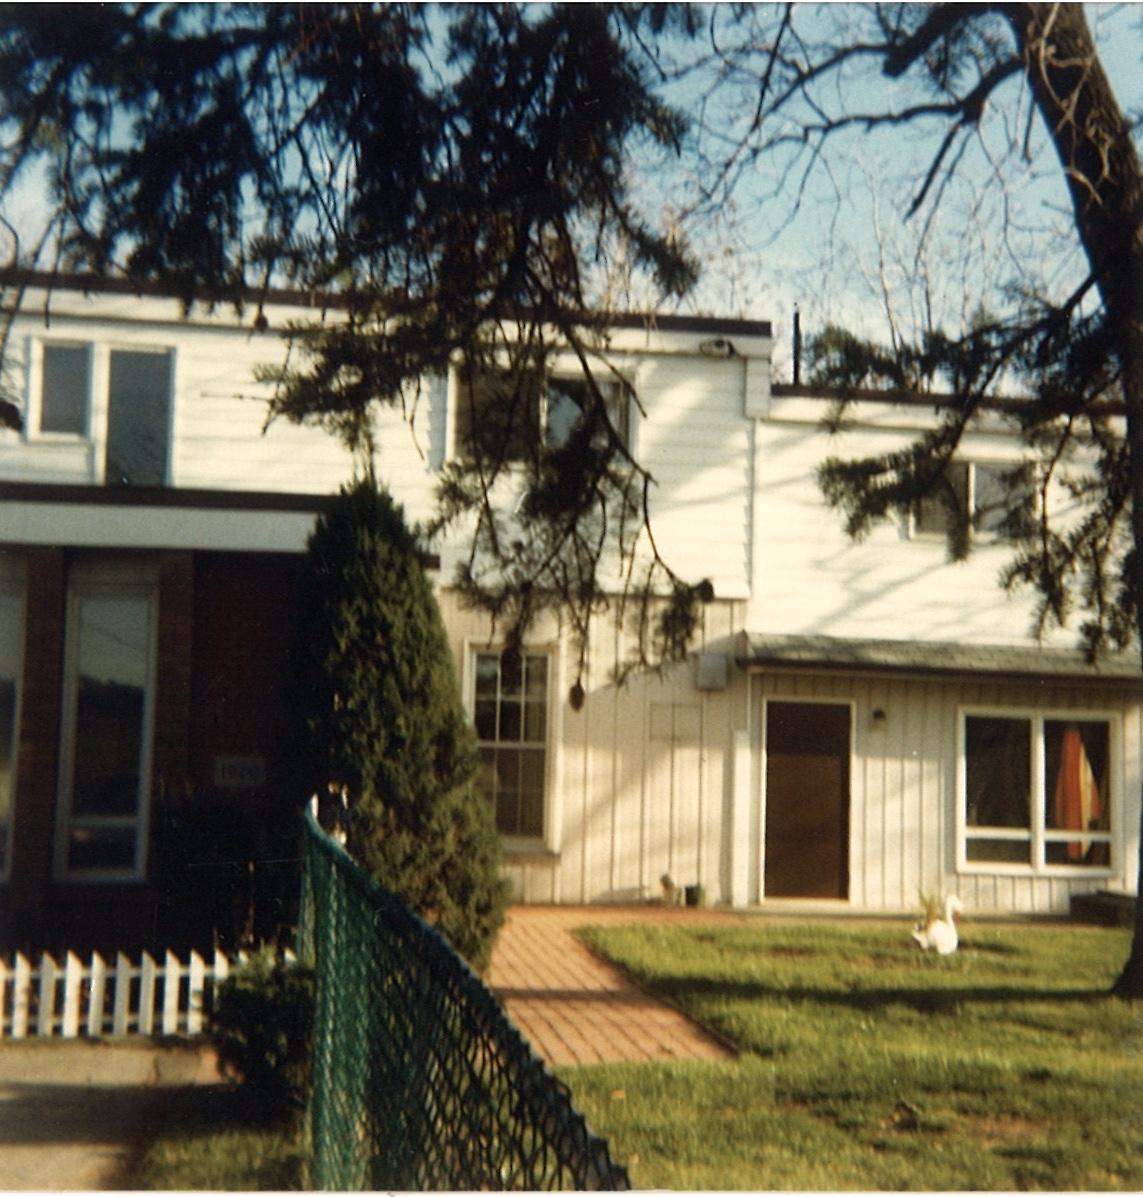 The Amberidge Home, circa 1965